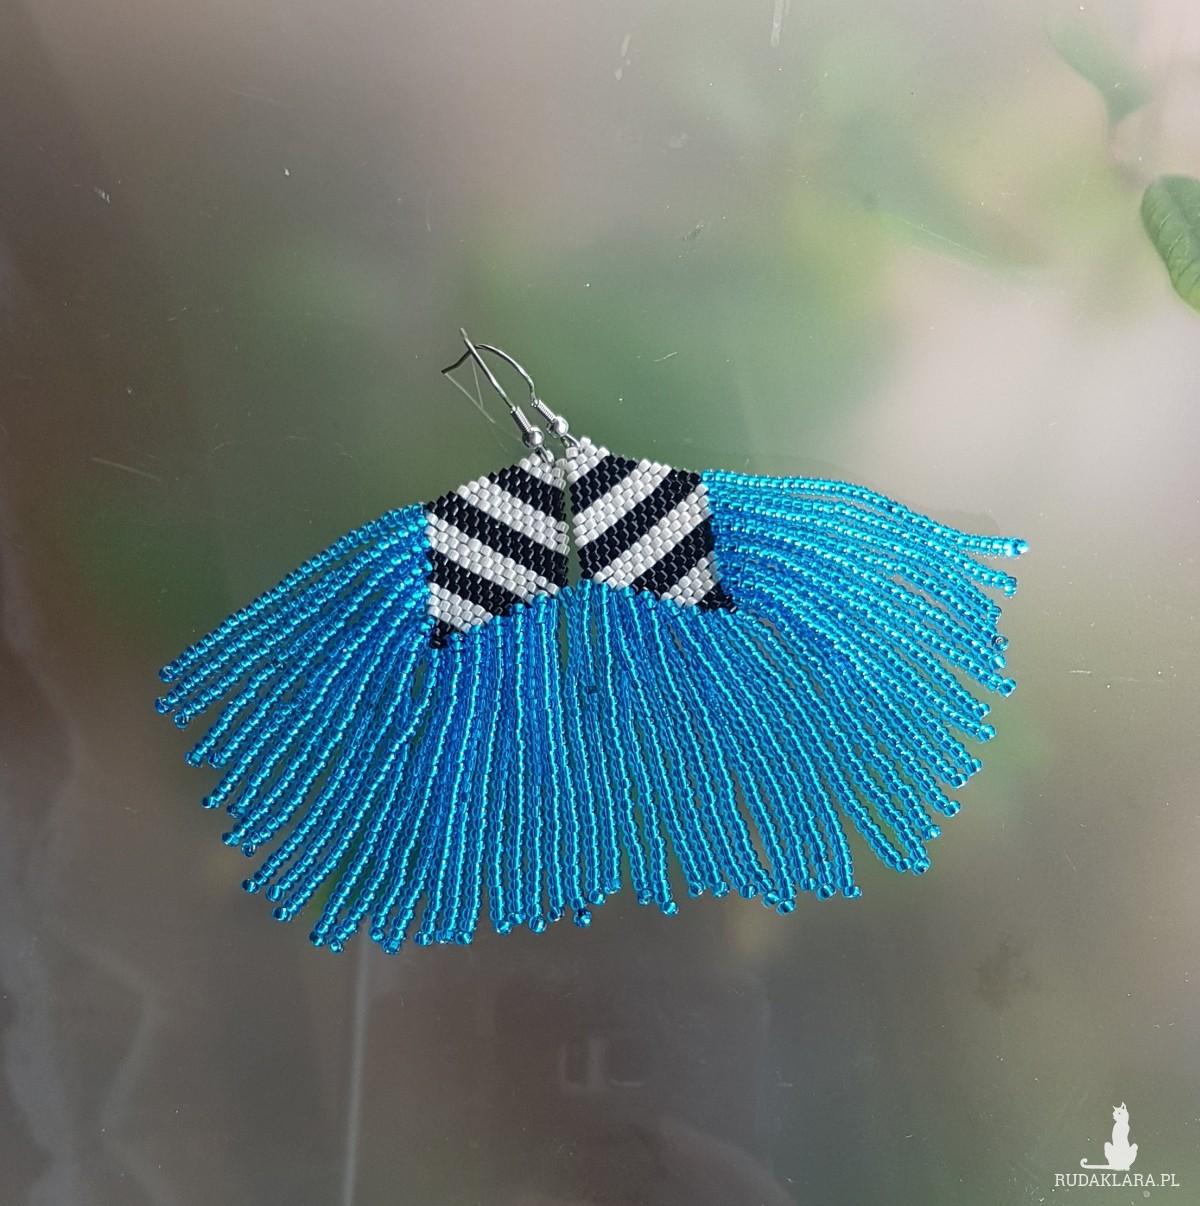 Kolczyki Boho Chic Niebieskie Frędzelki